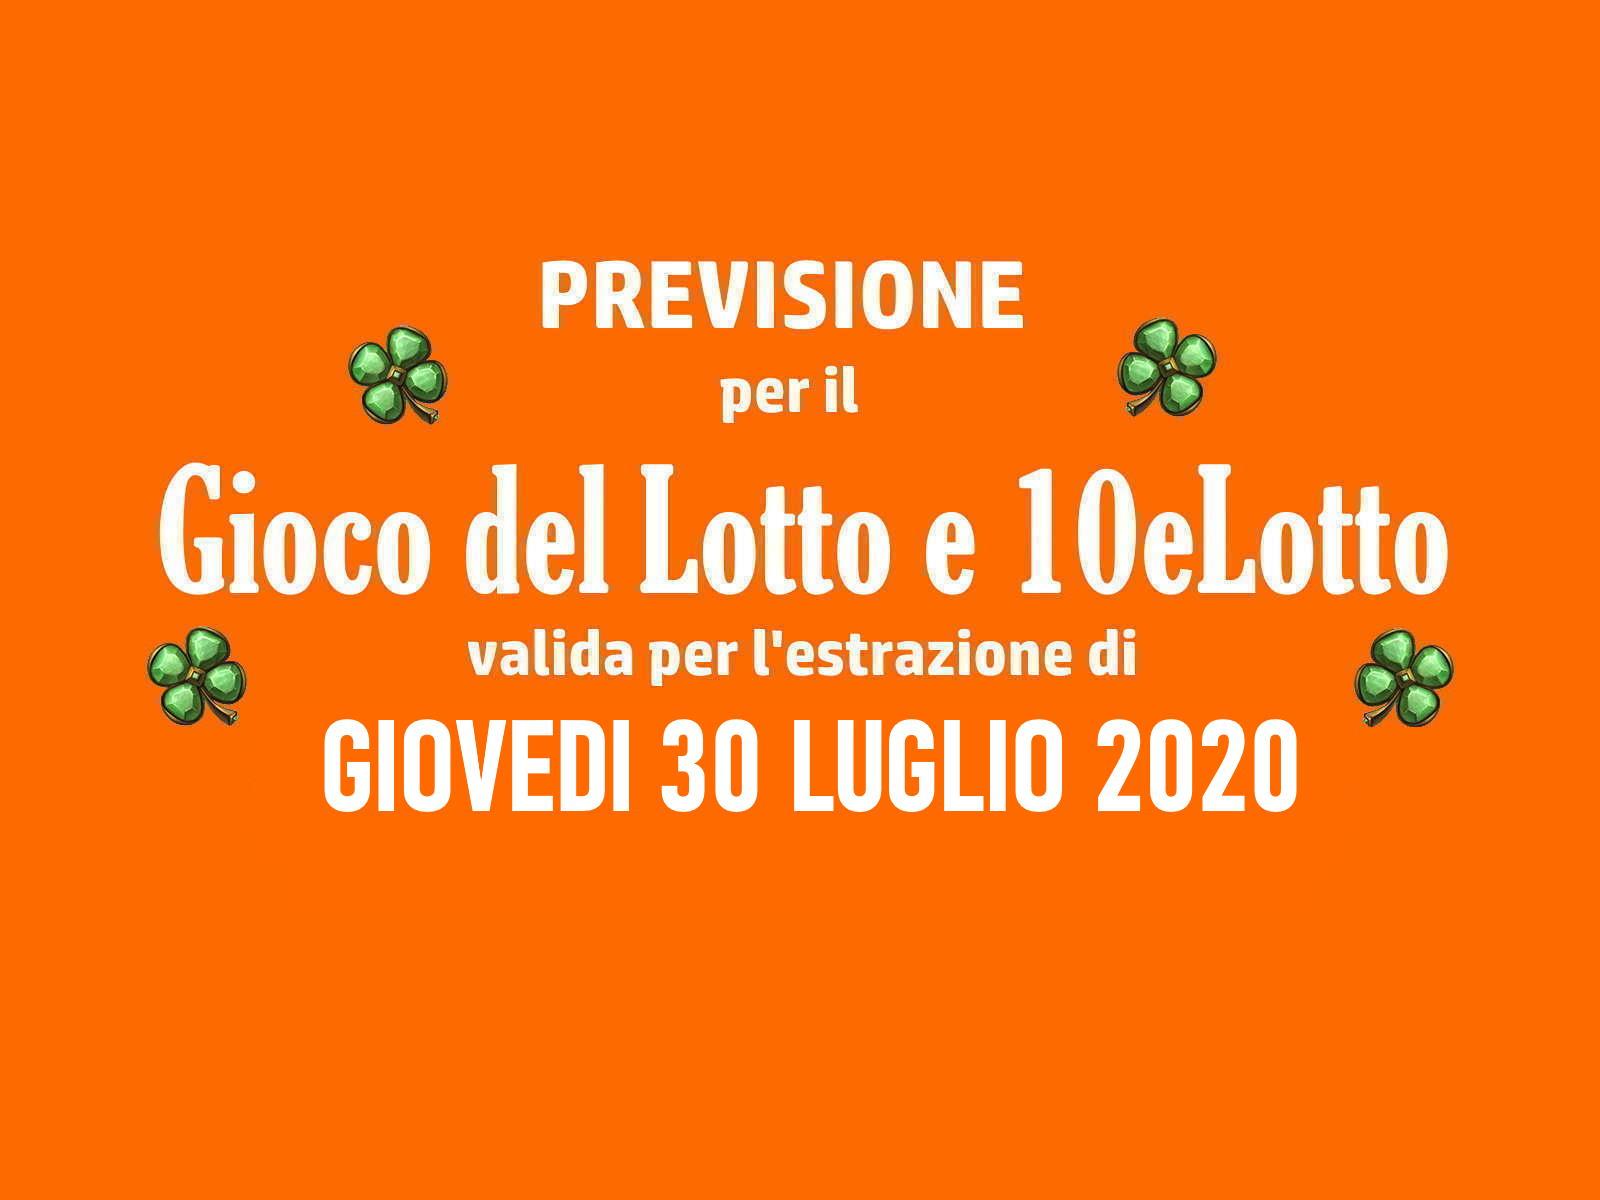 Previsione Lotto 30 Luglio 2020